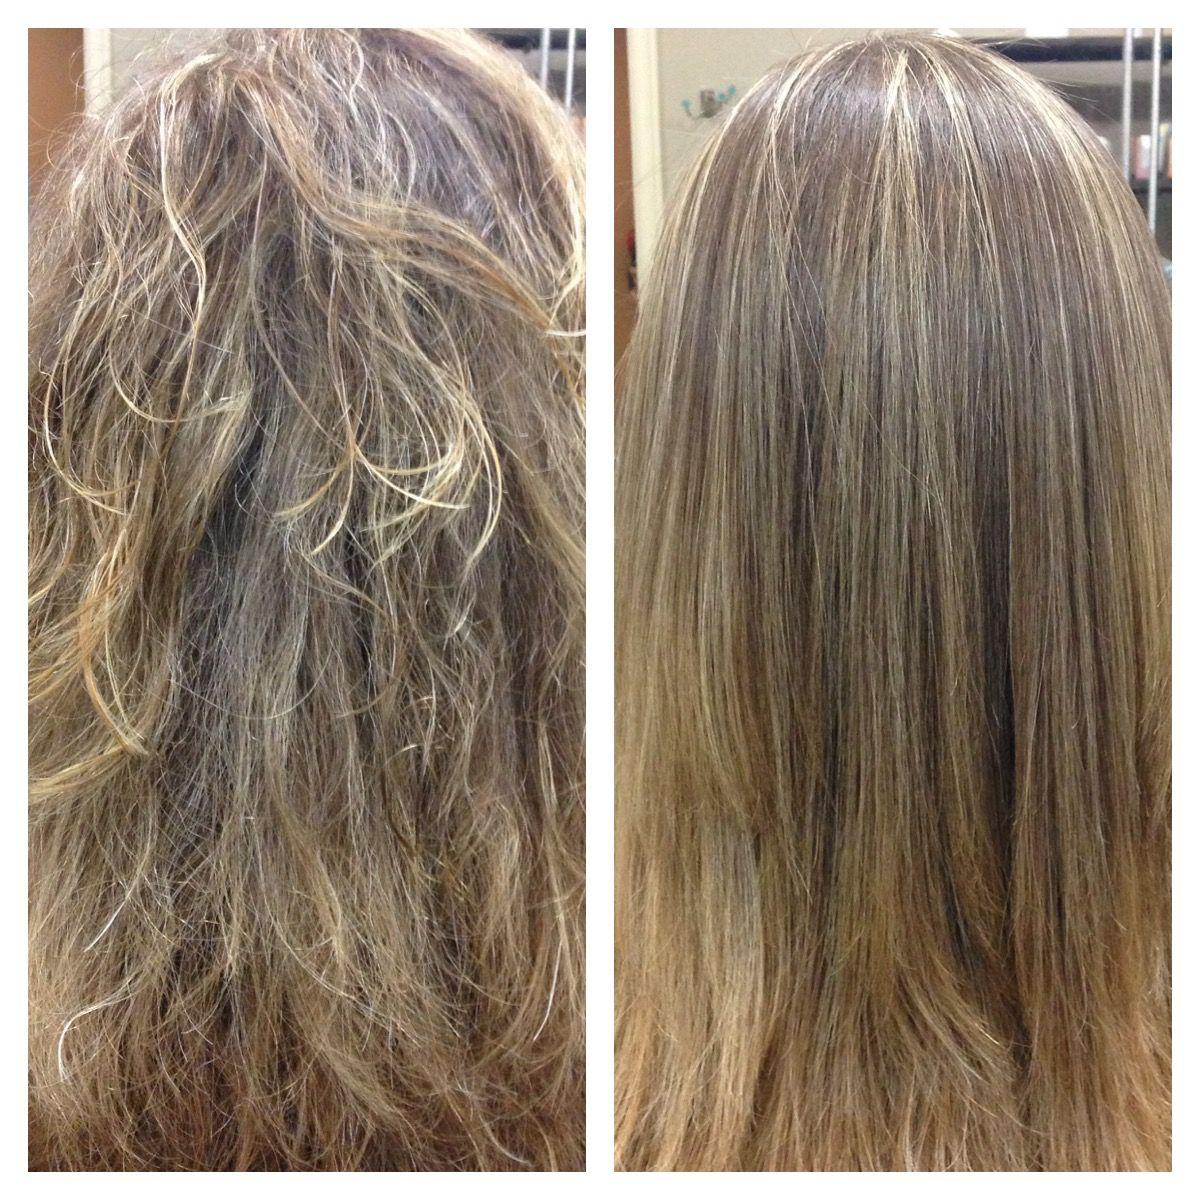 Magic straight perm vs keratin - Keratin Complex Treatment Straight Hair How To Get Rid Of Frizz Shiny Hair